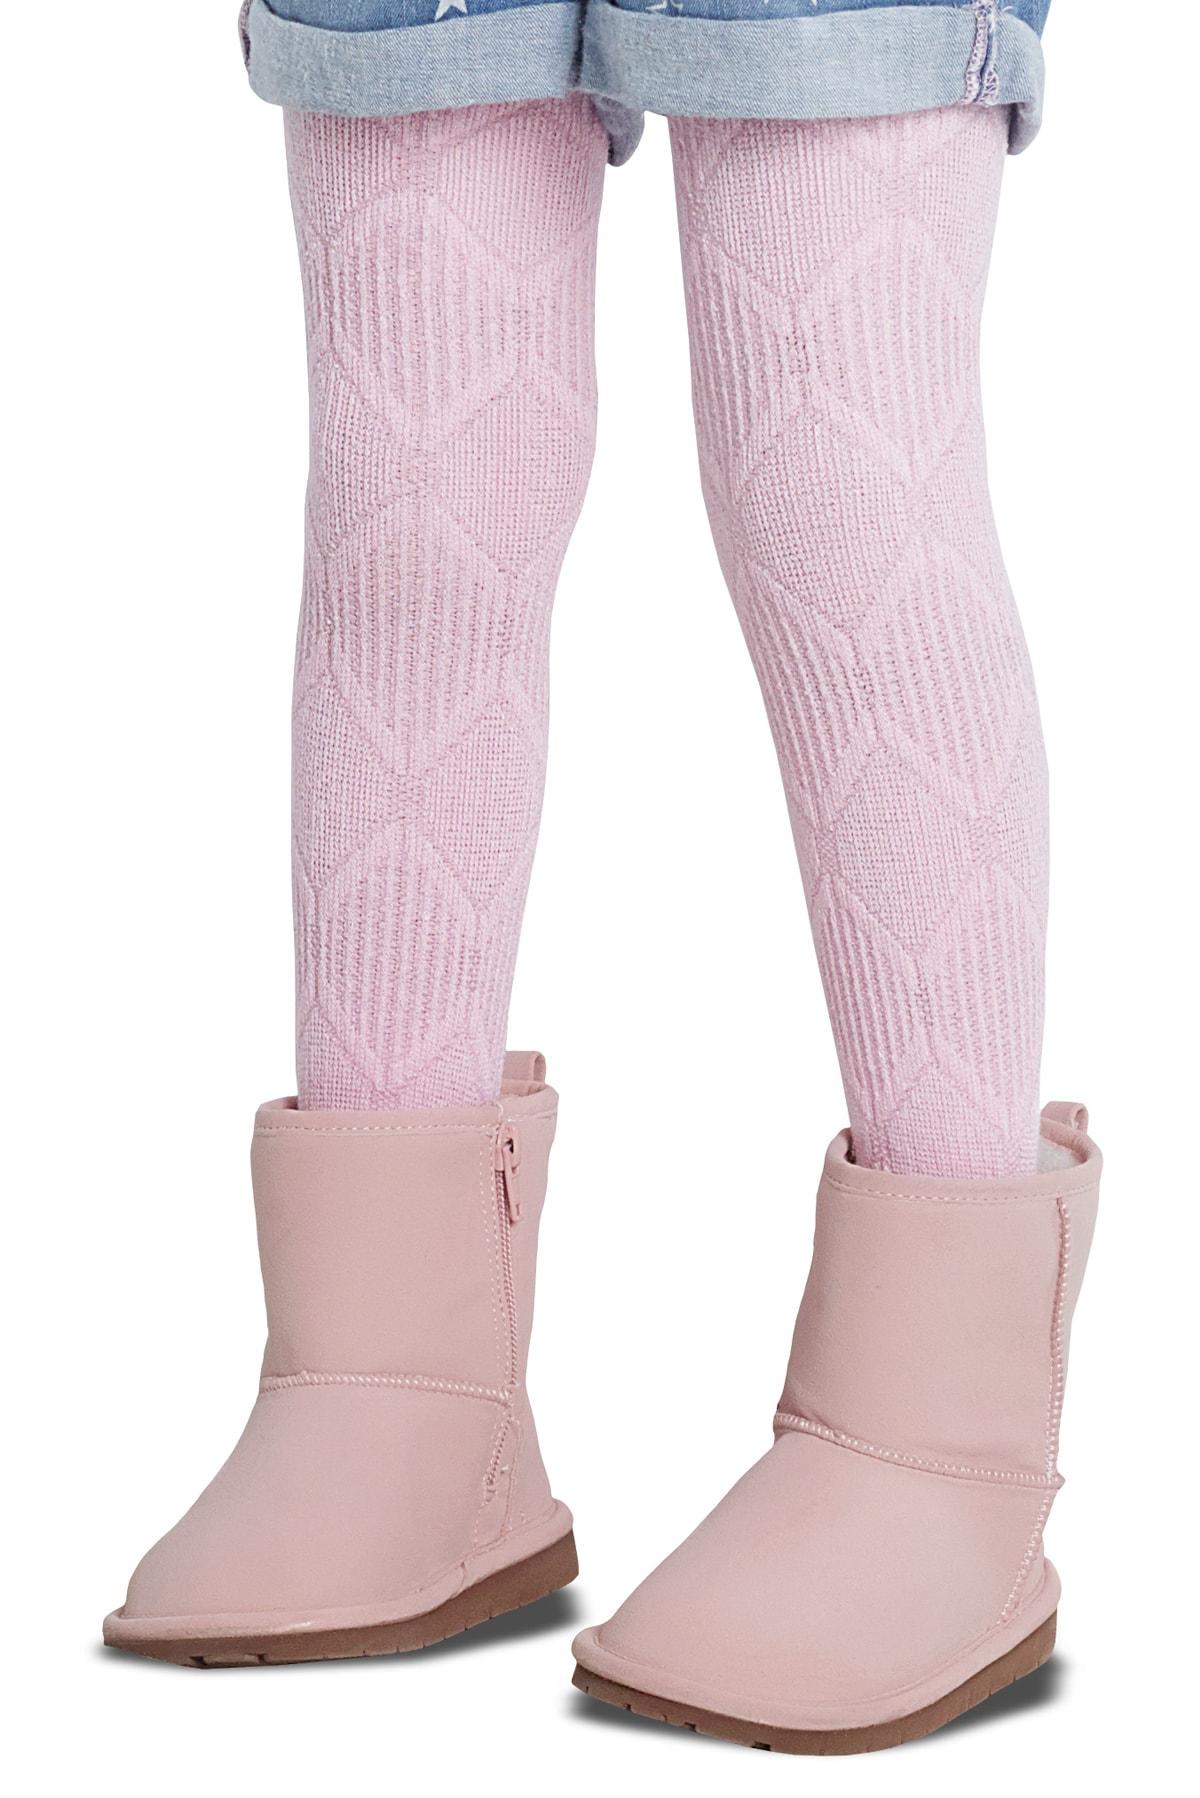 پنتی | Penti - جوراب شلواری دخترانه طرح Ayda رنگ صورتی